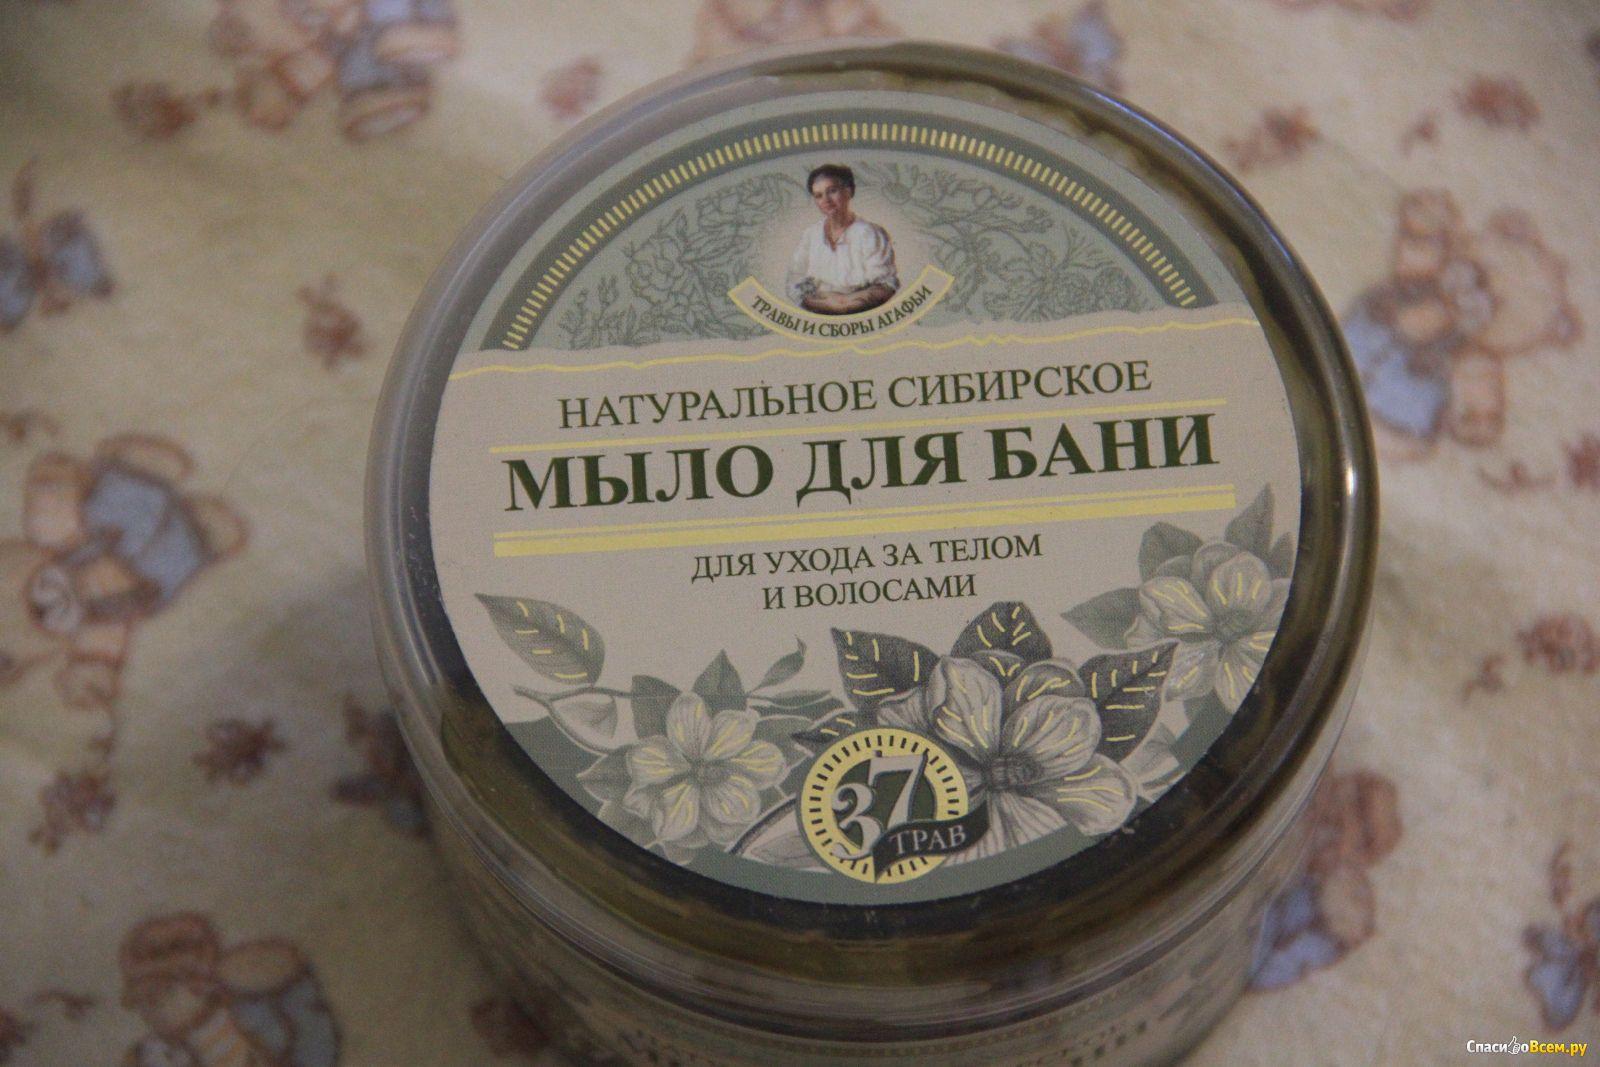 Что можно сделать с обмылками: рецепт изготовления домашнего мыла и другие способы использования?